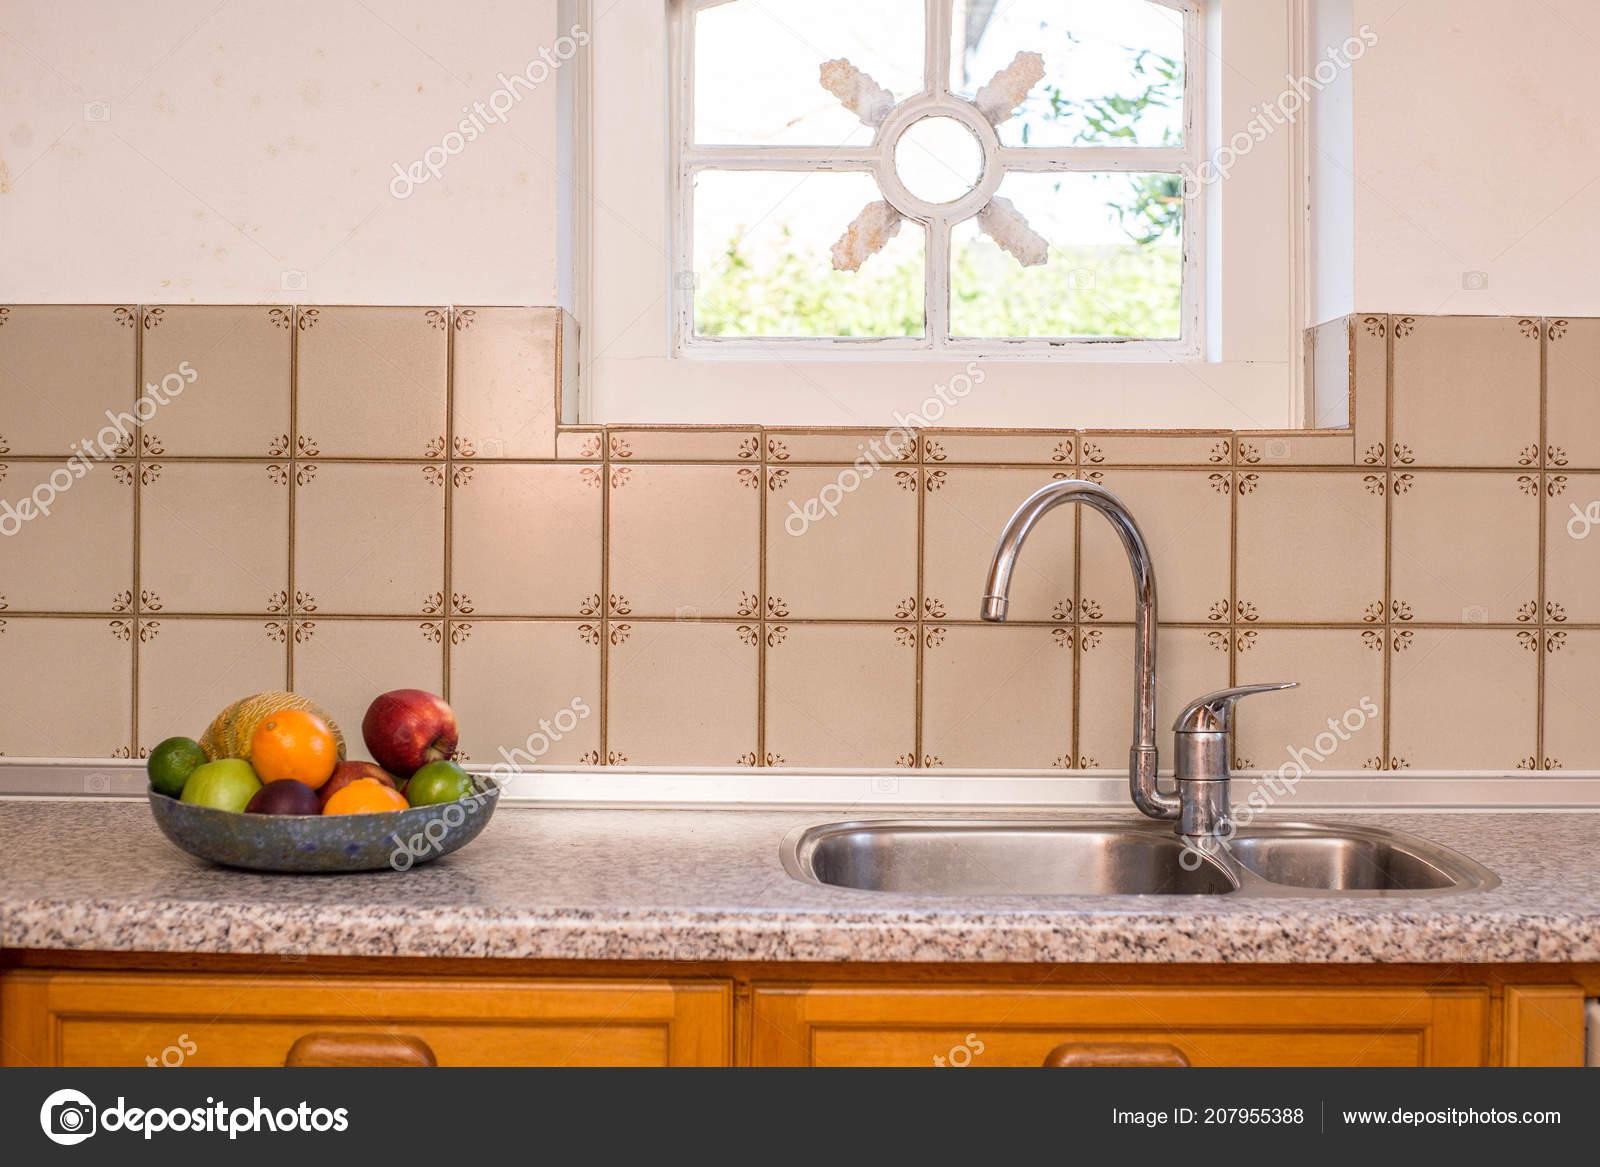 Best of keuken tegels verwijderen keukens apparatuur